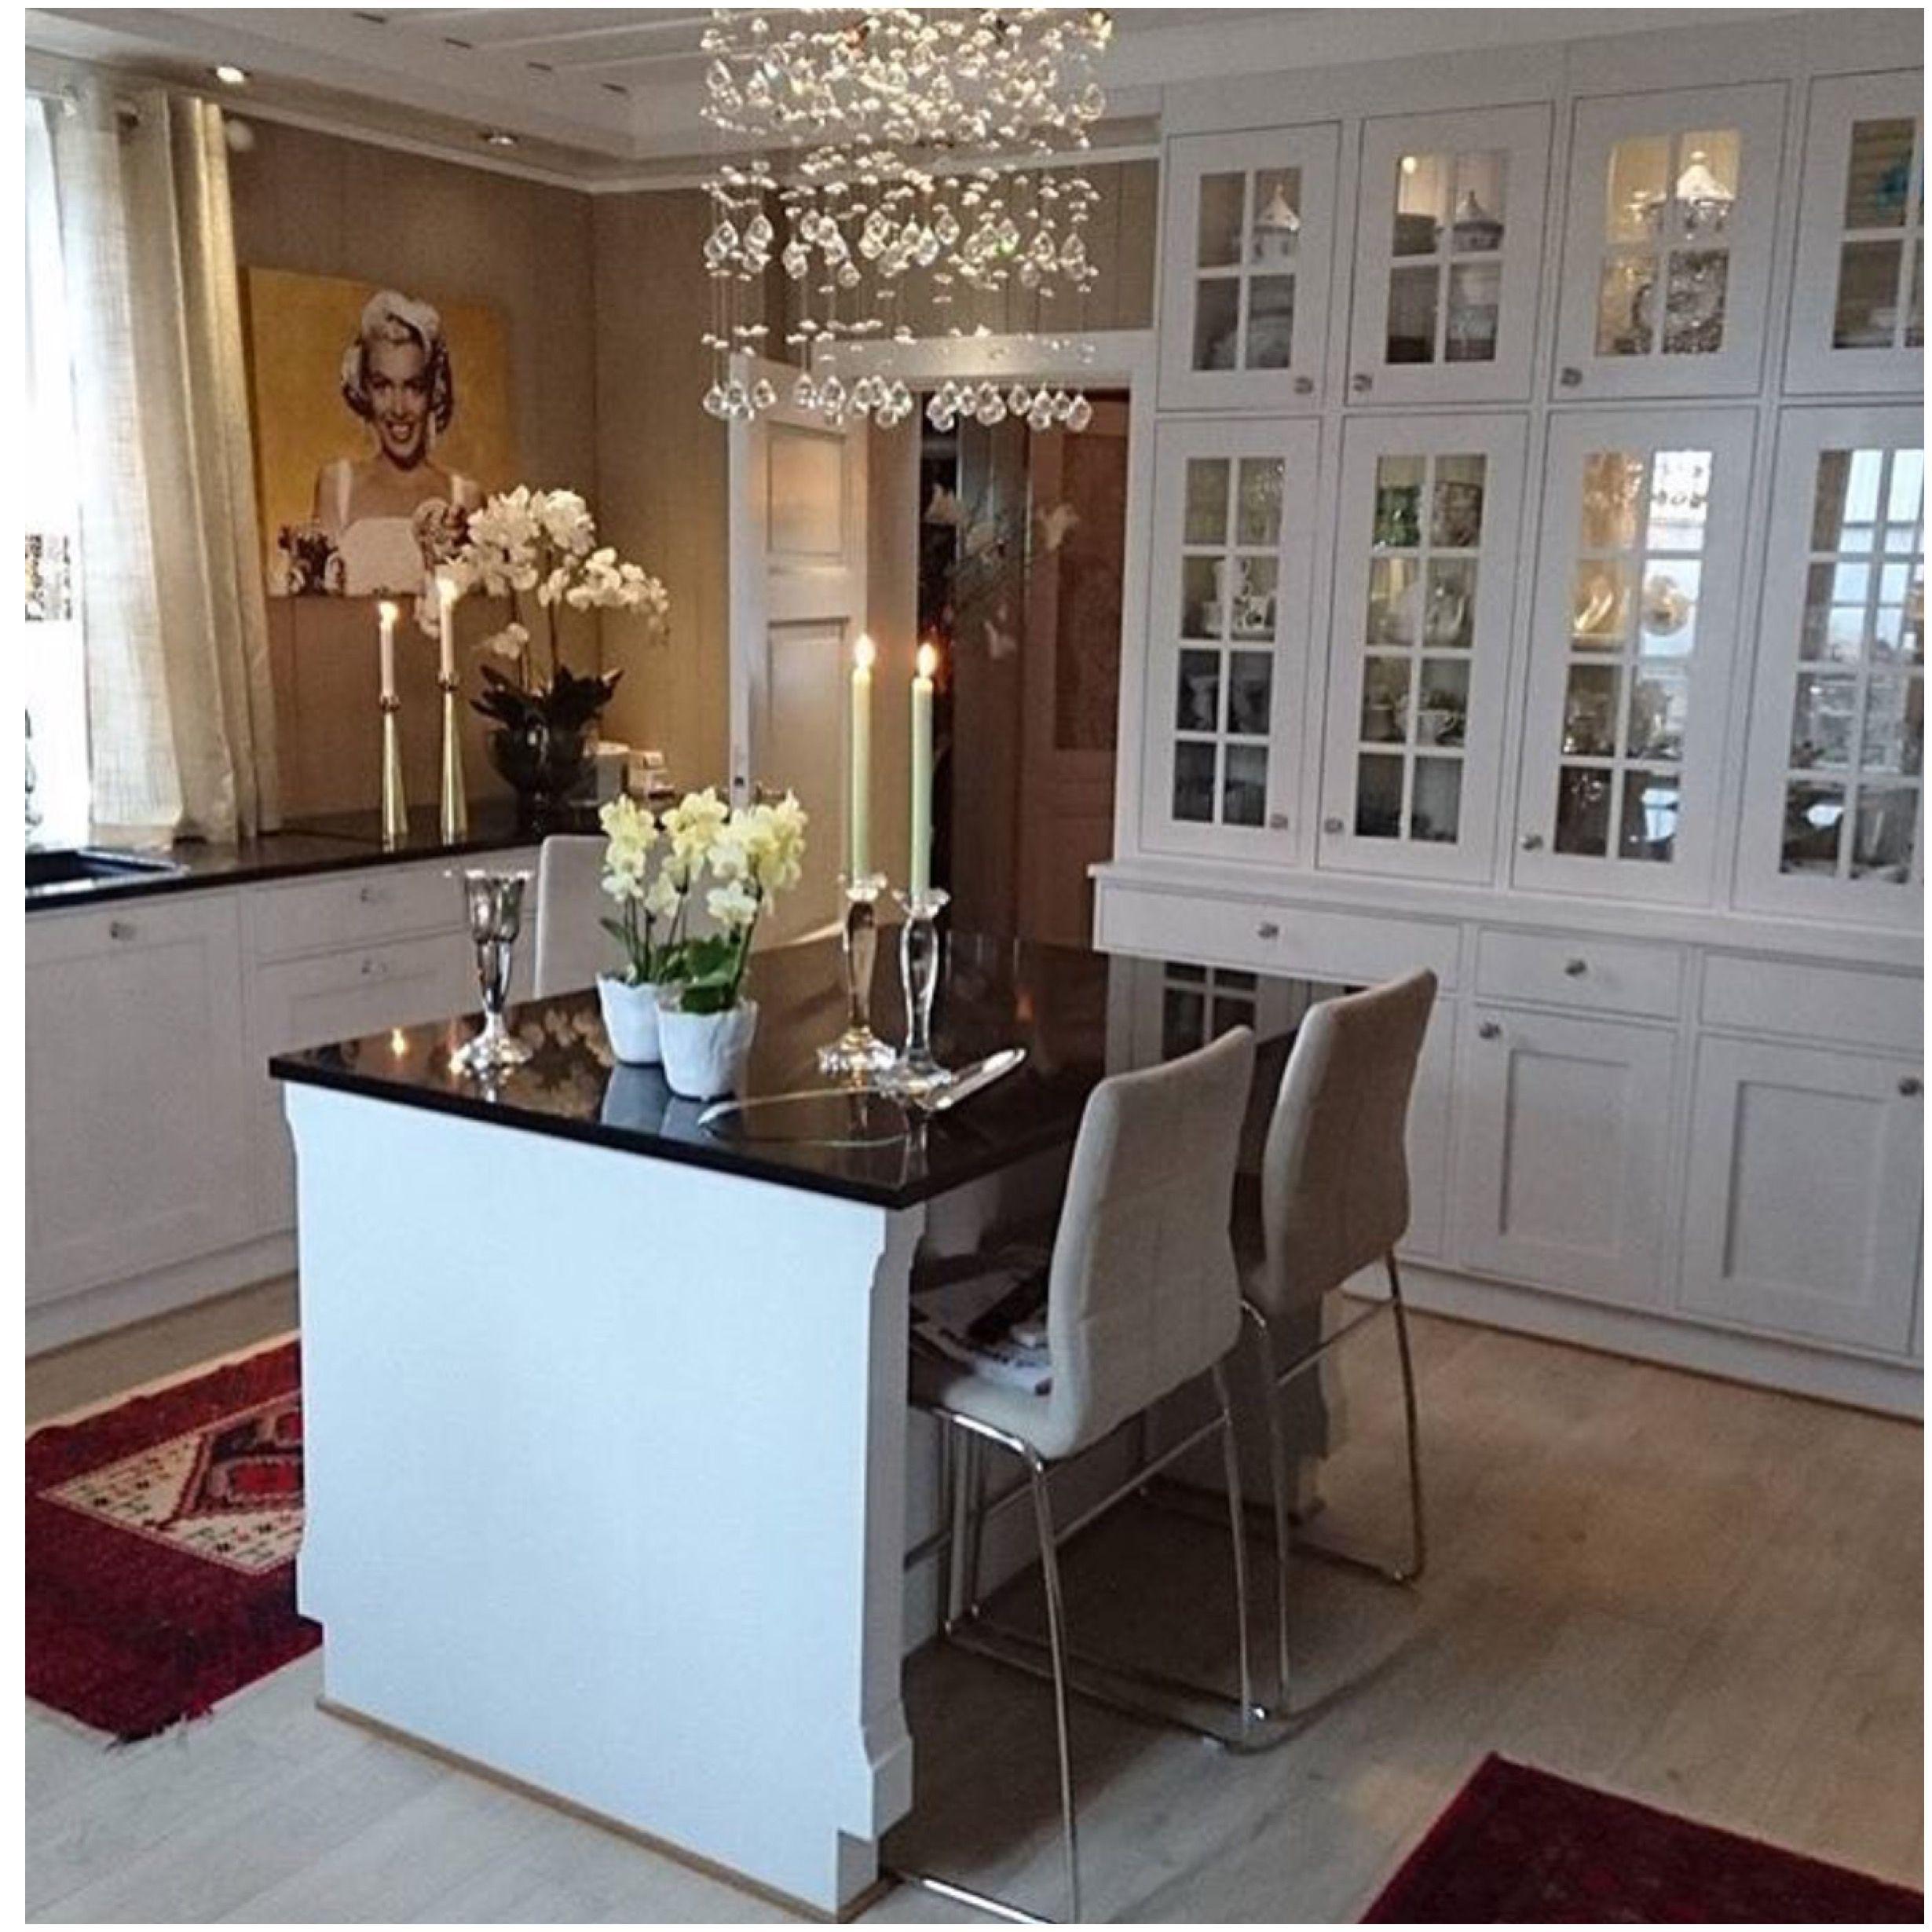 European Style Kitchen Remodeling Ideas: Interior Design, Interior Design